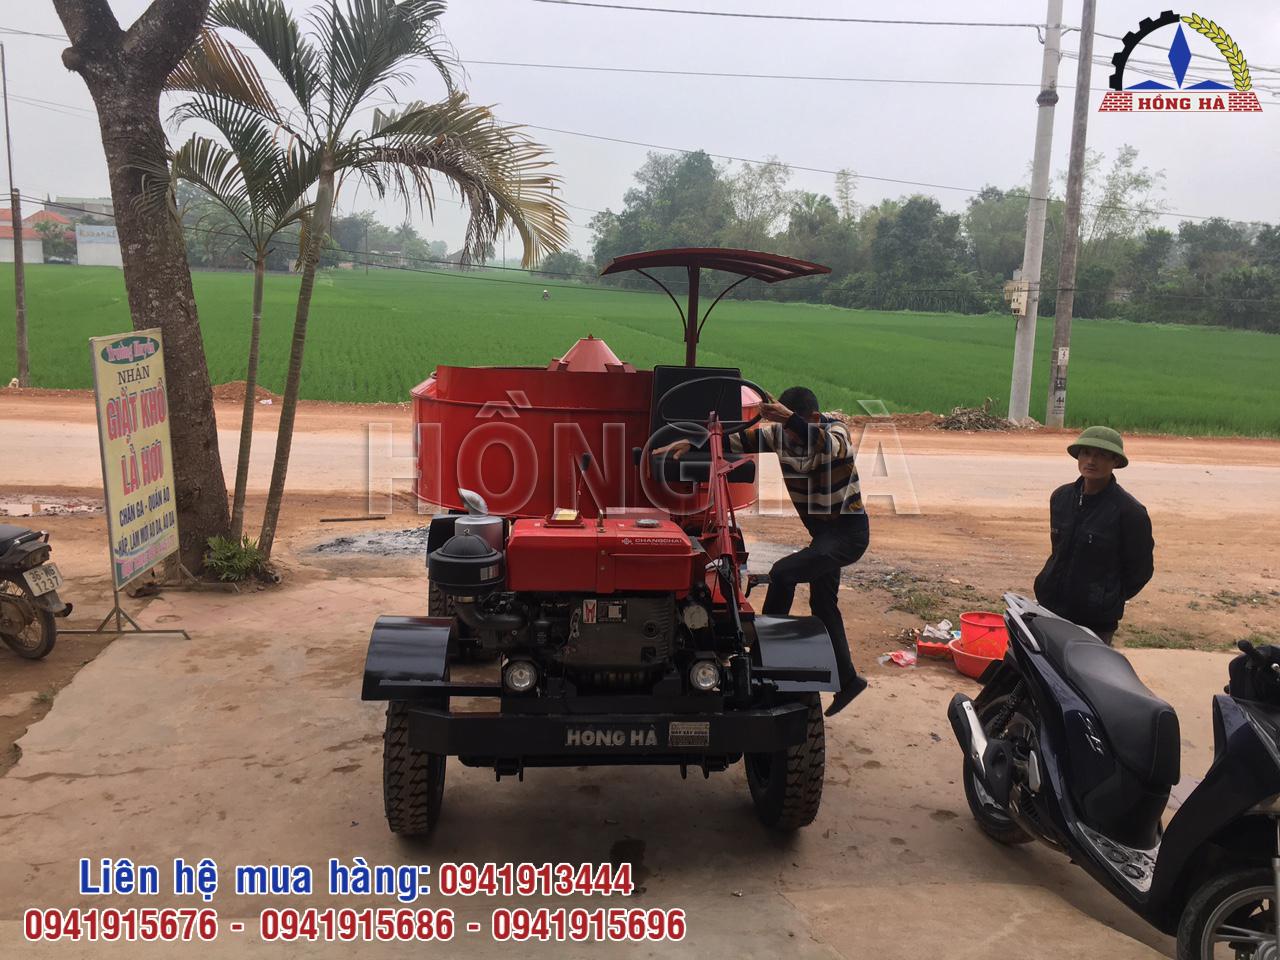 4 Khách hàng Thanh Hóa nhận bàn giao máy trộn bê tông tự hành 9 bao 1 cầu Hồng Hà